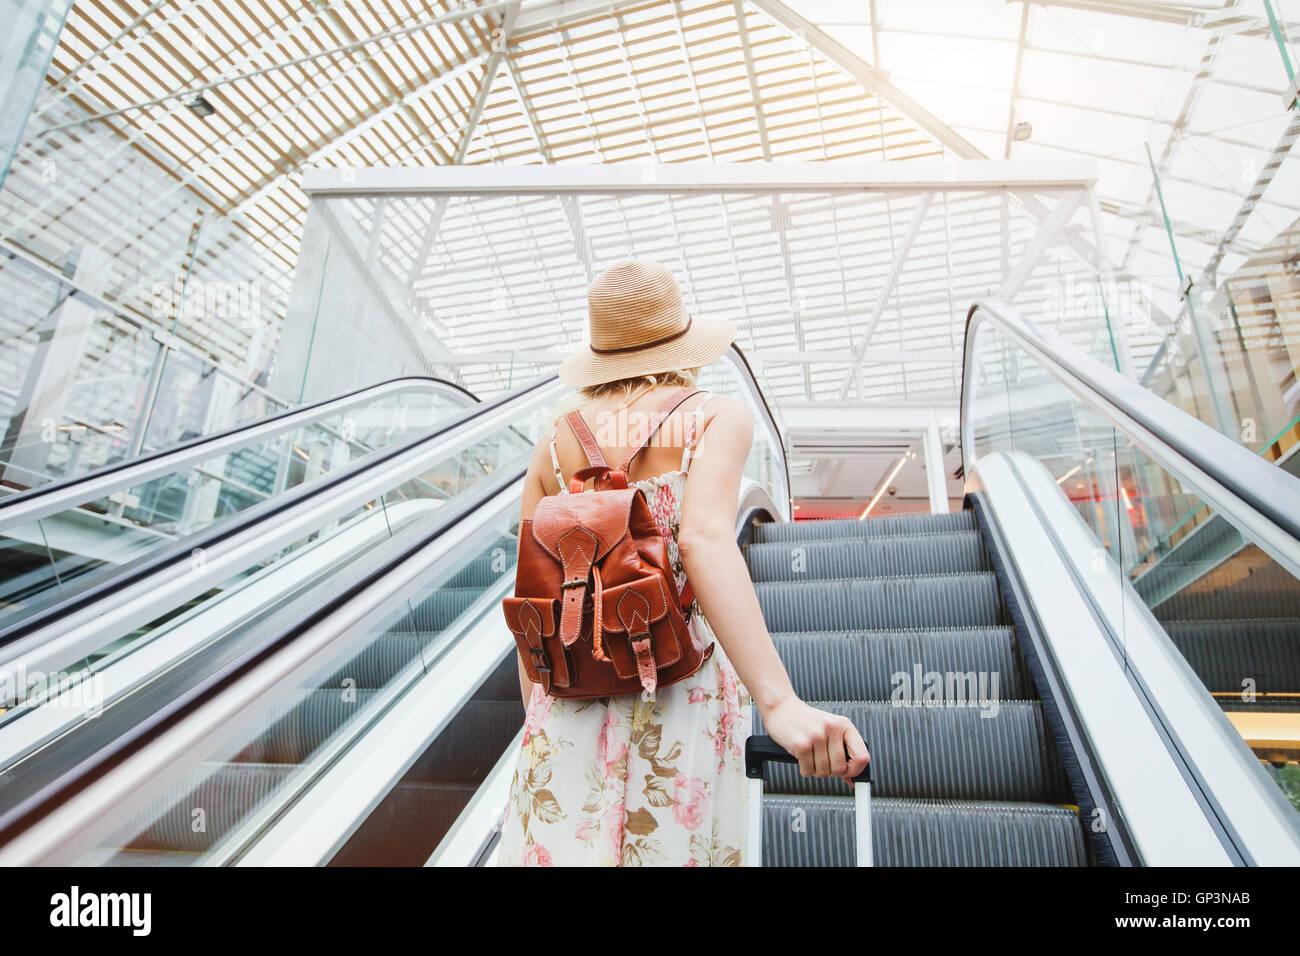 La donna nel moderno aeroporto, chi viaggia con bagagli Immagini Stock